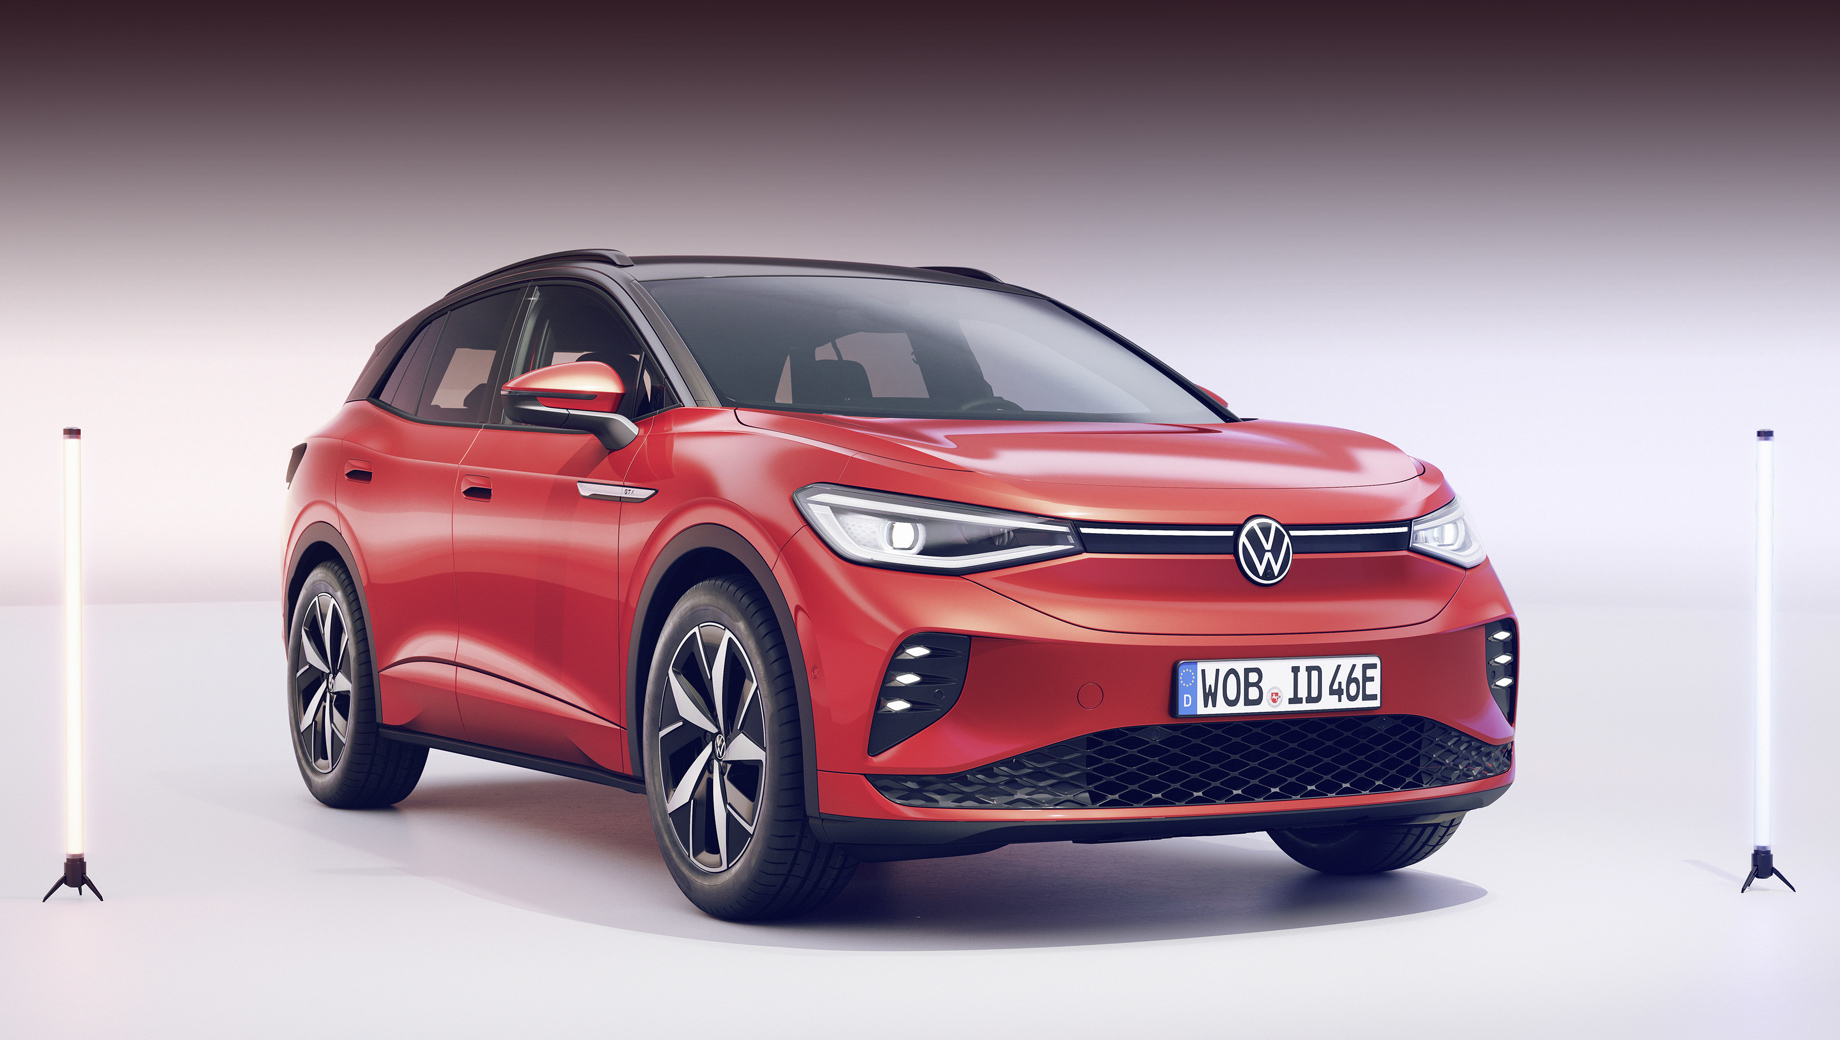 Кроссовер Volkswagen ID.4 GTX выделился полным приводом